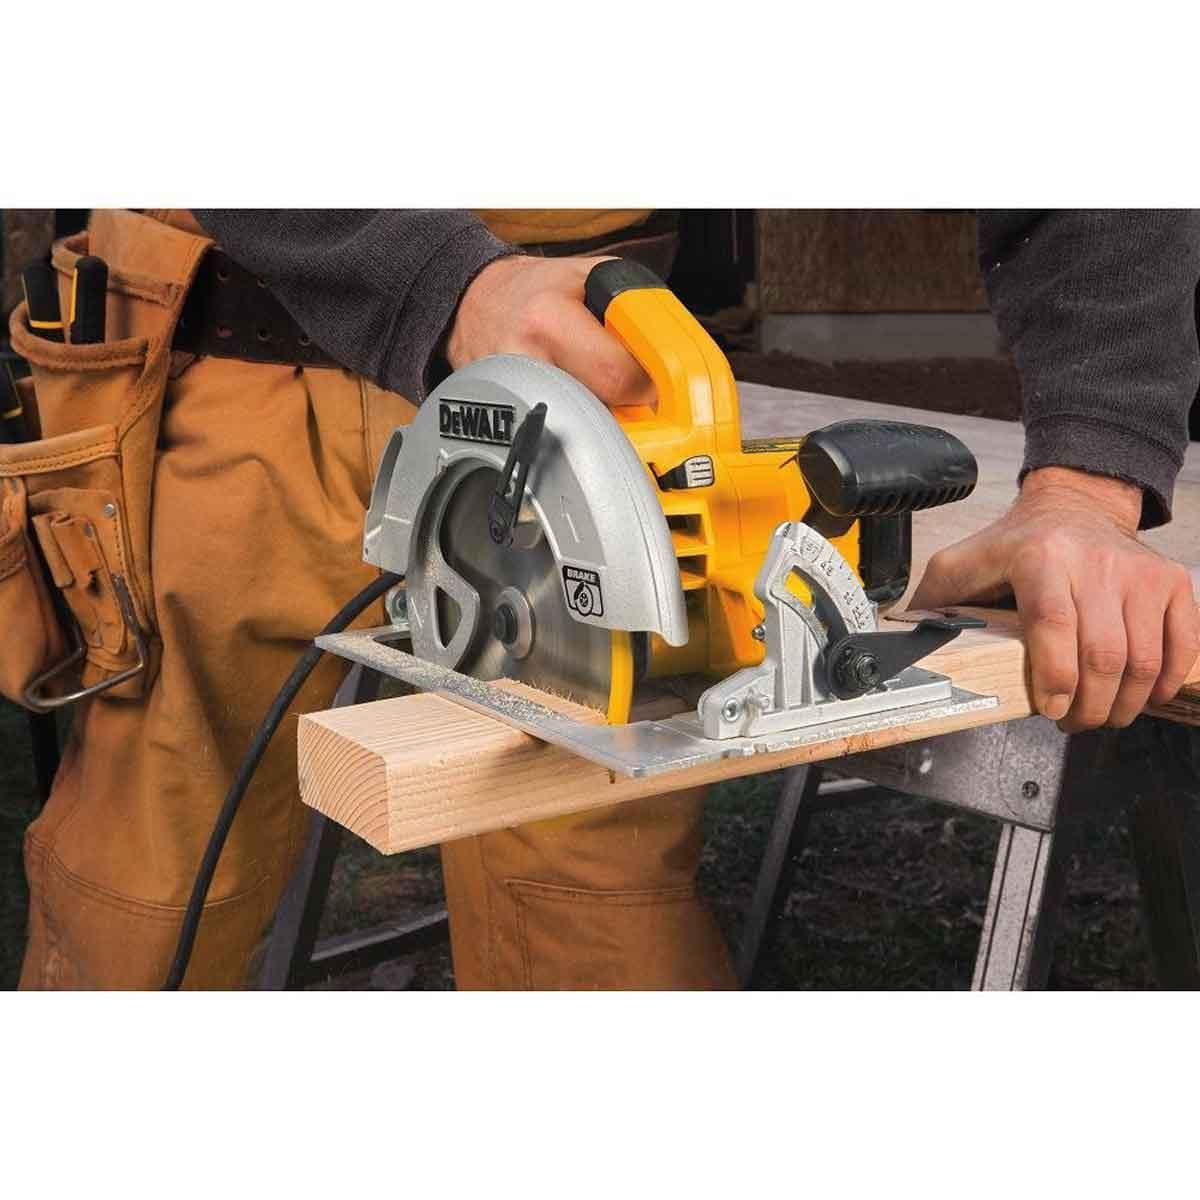 Dewalt 7 inch Wood Cutting Saw